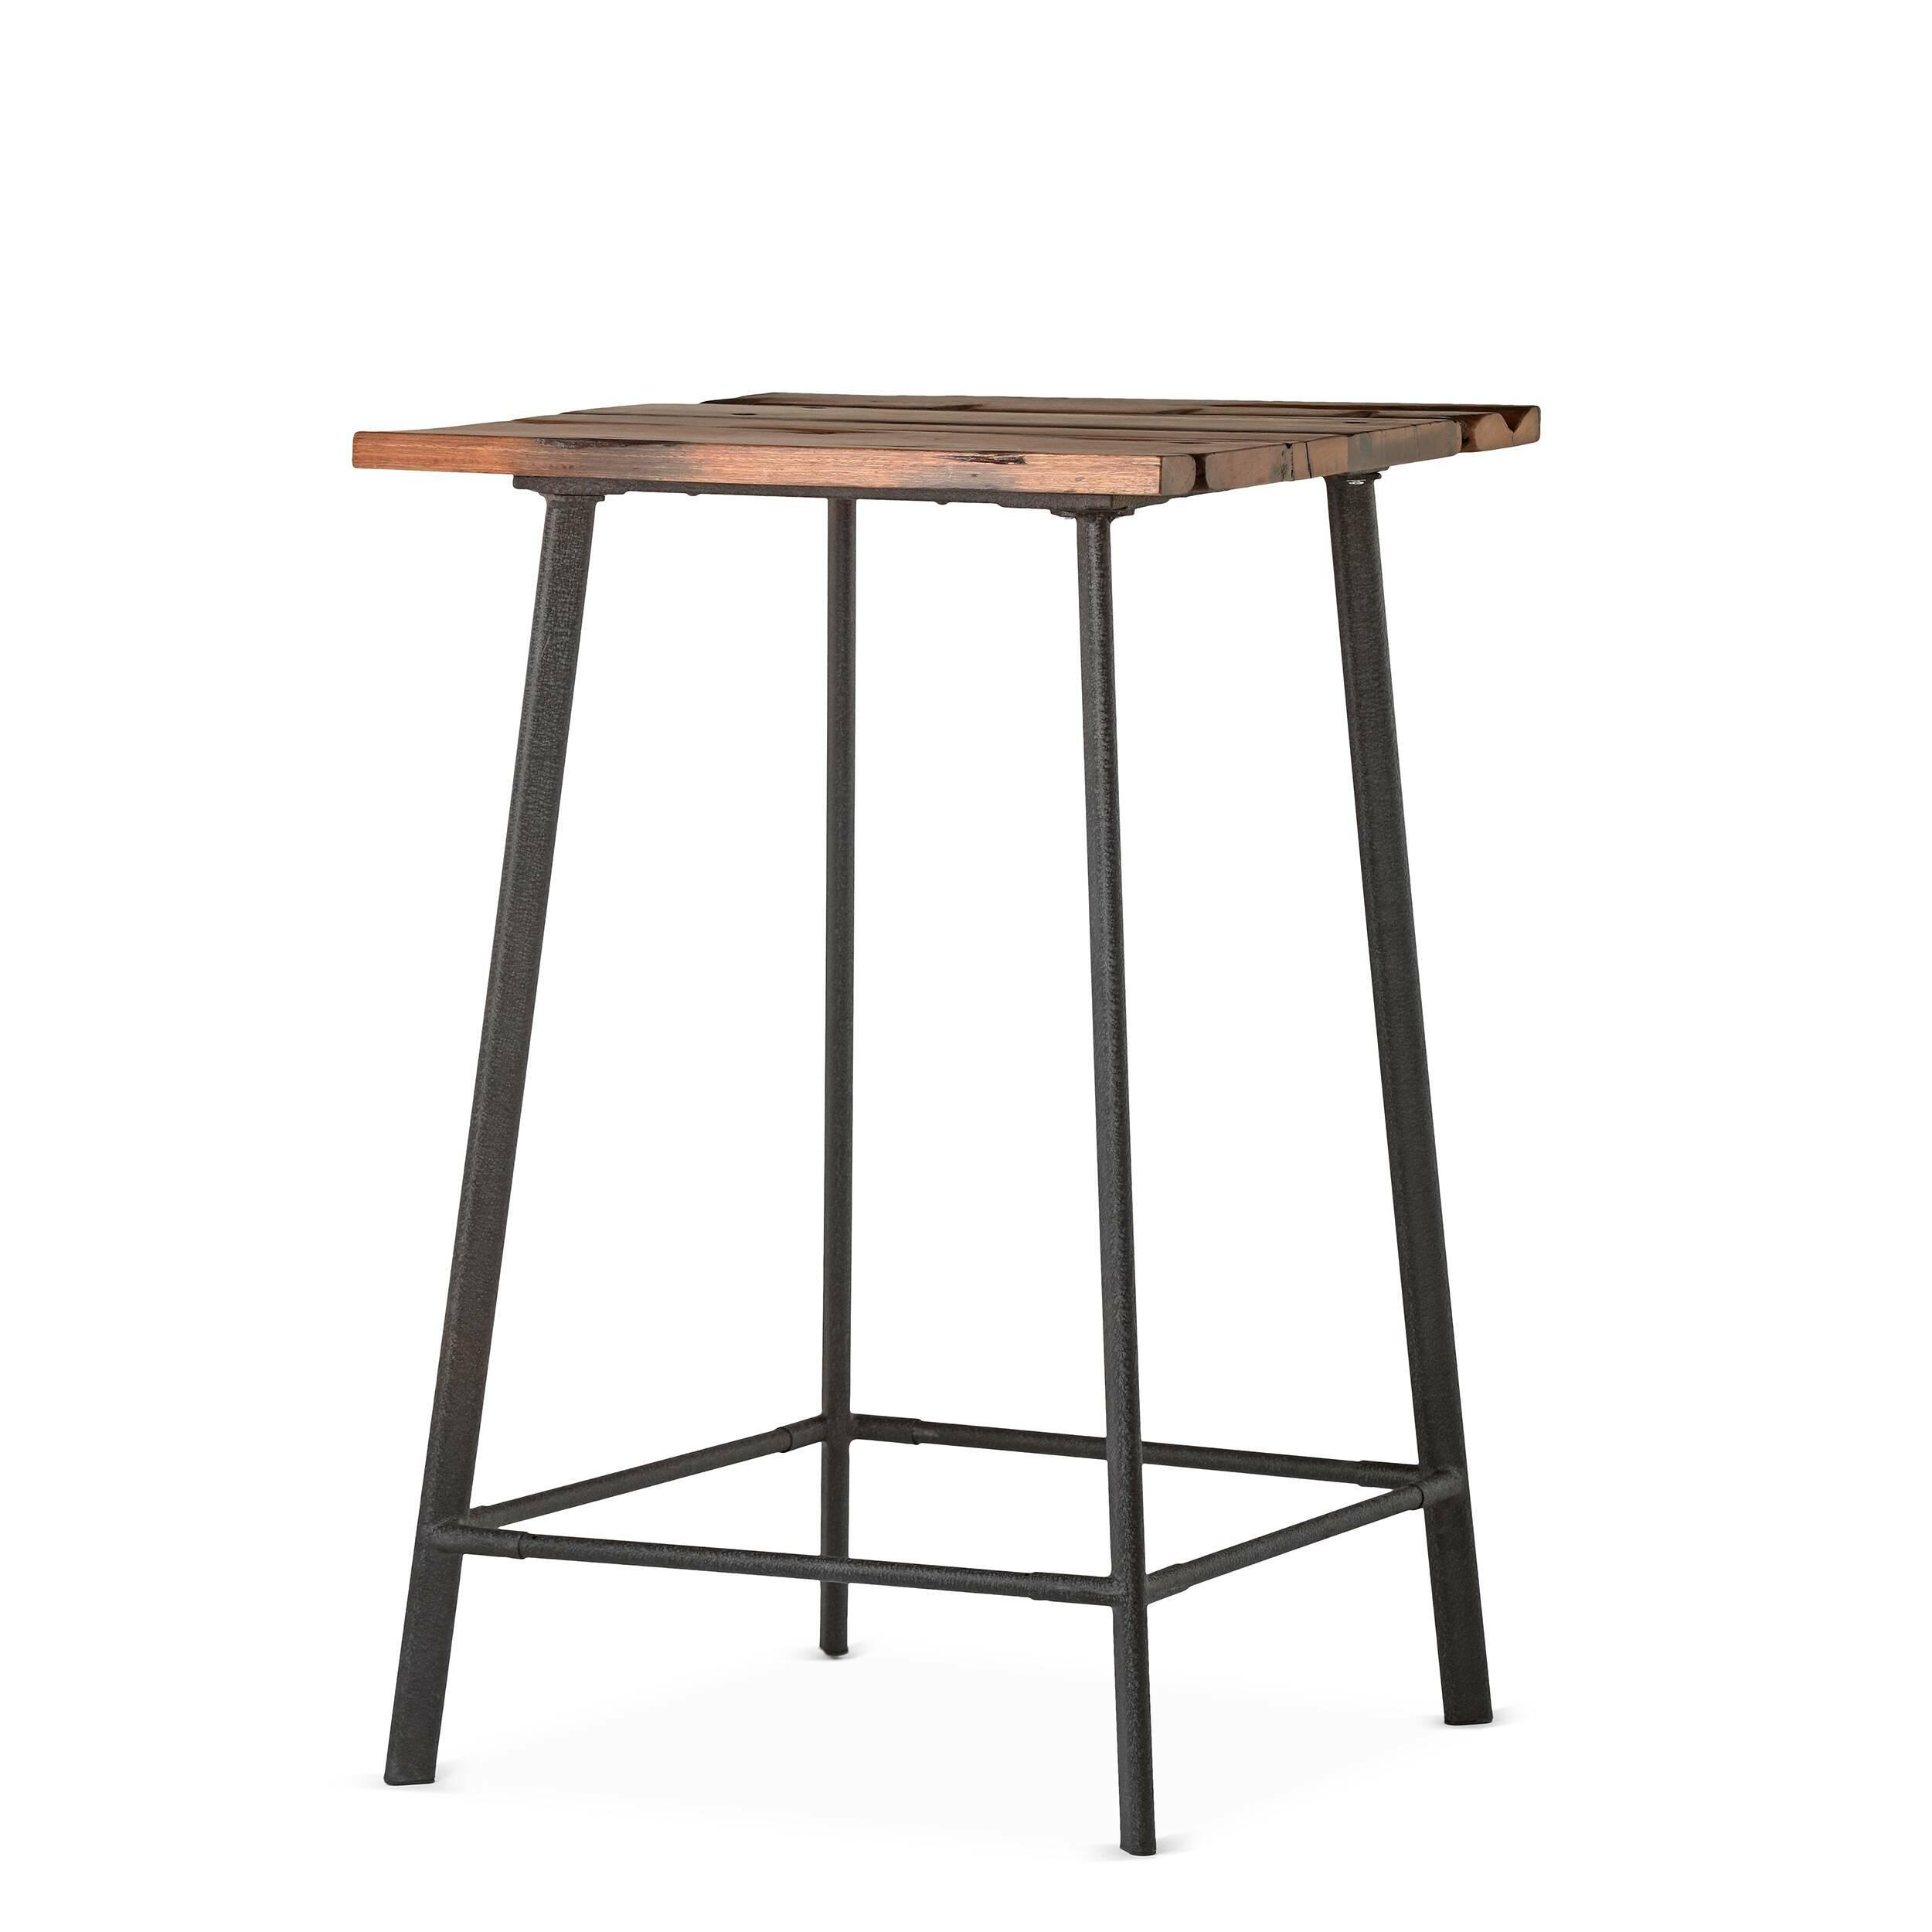 Барный стол ScorchБарные<br>Дизайнерский высокий квадратный стол Scorch (Скорч) на четырех ножках от Cosmo (Космо).<br><br>Барный стол Scorch обладает дизайном, который невероятно стильно смотрится в домашних интерьерах в стиле лофт, а также в кафе и барах. Необычная форма и стиль изделия делают его по-настоящему запоминающимся элементом декора. Создавая дизайн стола, автор вдохновлялся атмосферой старых фабрик и заводов, именно поэтому стол стал ярким образцом индустриального стиля. <br><br> Свое название стол получил благо...<br><br>stock: 4<br>Высота: 106<br>Ширина: 70<br>Длина: 70<br>Цвет ножек: Черный<br>Цвет столешницы: Коричневый<br>Материал столешницы: Массив состаренного дерева<br>Тип материала столешницы: Дерево<br>Тип материала ножек: Сталь